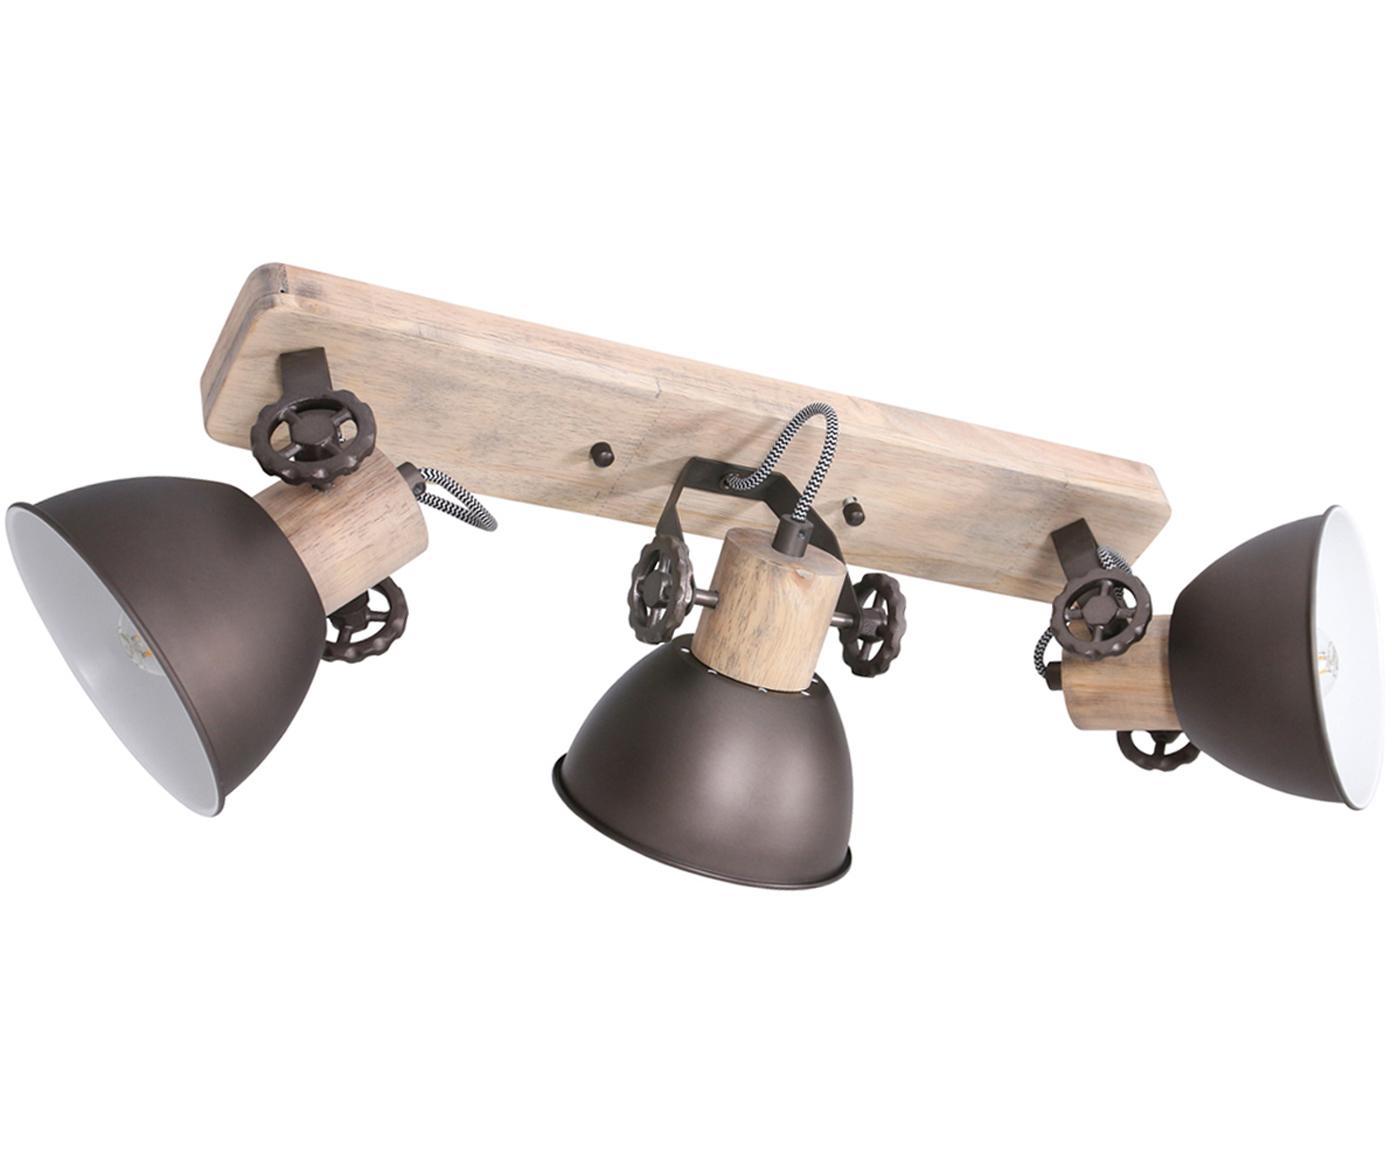 Plafondspot Gearwood, Hout, gelakt metaal, Houtkleurig, antraciet, 59 x 19 cm